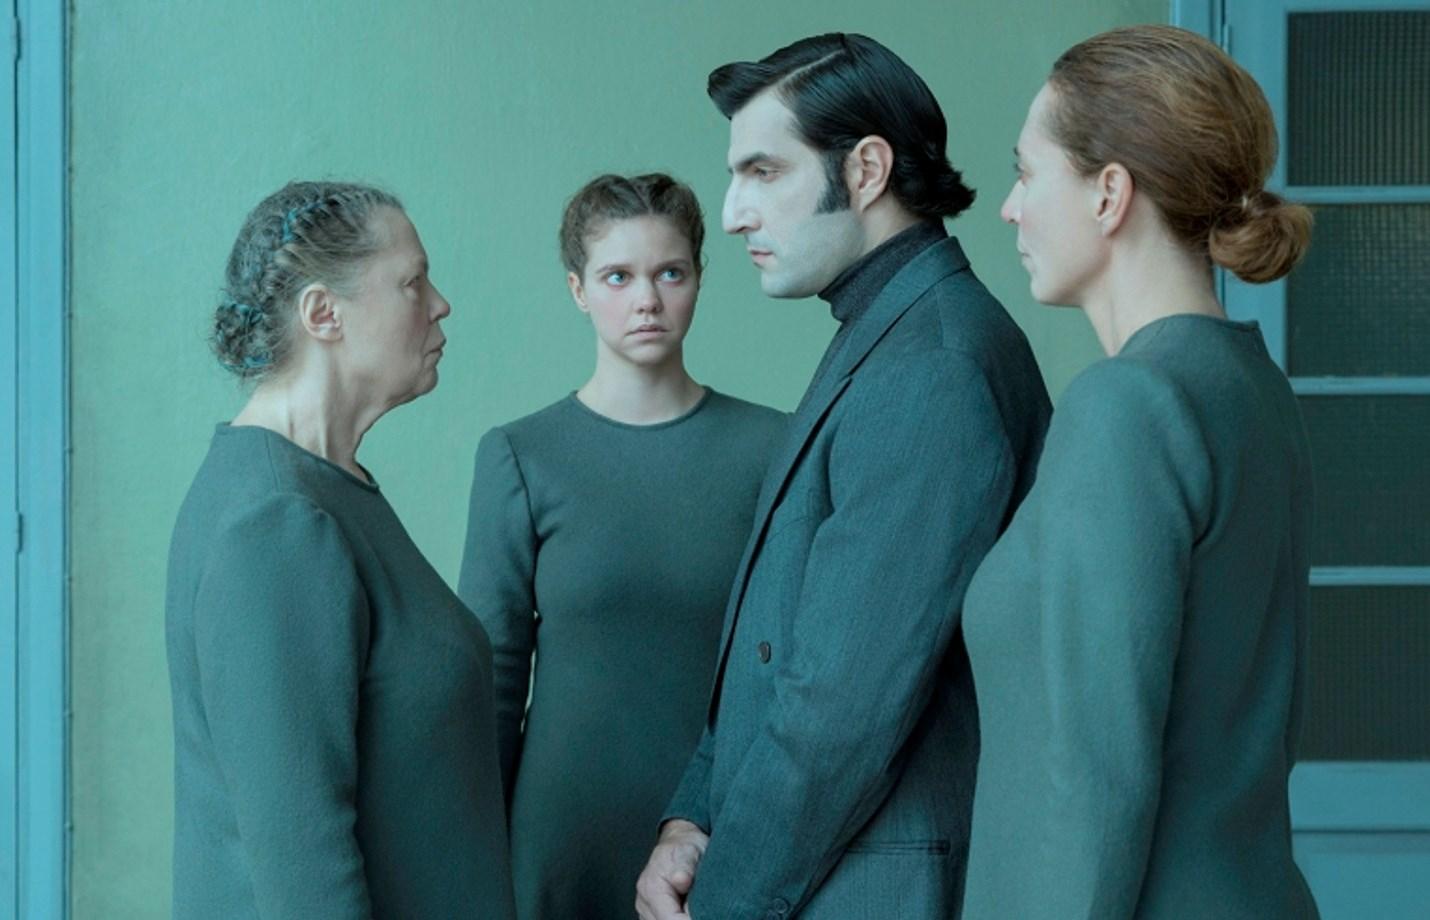 12€ από 18€ για είσοδο στο βραβευμένο αριστούργημα του Τζον Πάτρικ Σάνλει ''ΑΜΦΙΒΟΛΙΑ (DOUBT)'', σε διασκευή και σκηνοθεσία Απόλλωνα Παπαθεοχάρη, στο θέατρο Ροές. Πρωταγωνιστούν η Ρούλα Πατεράκη, ο Νίκος Κουρής, η Λίλα Μπακλέση και Πηνελόπη Μαρκοπούλου